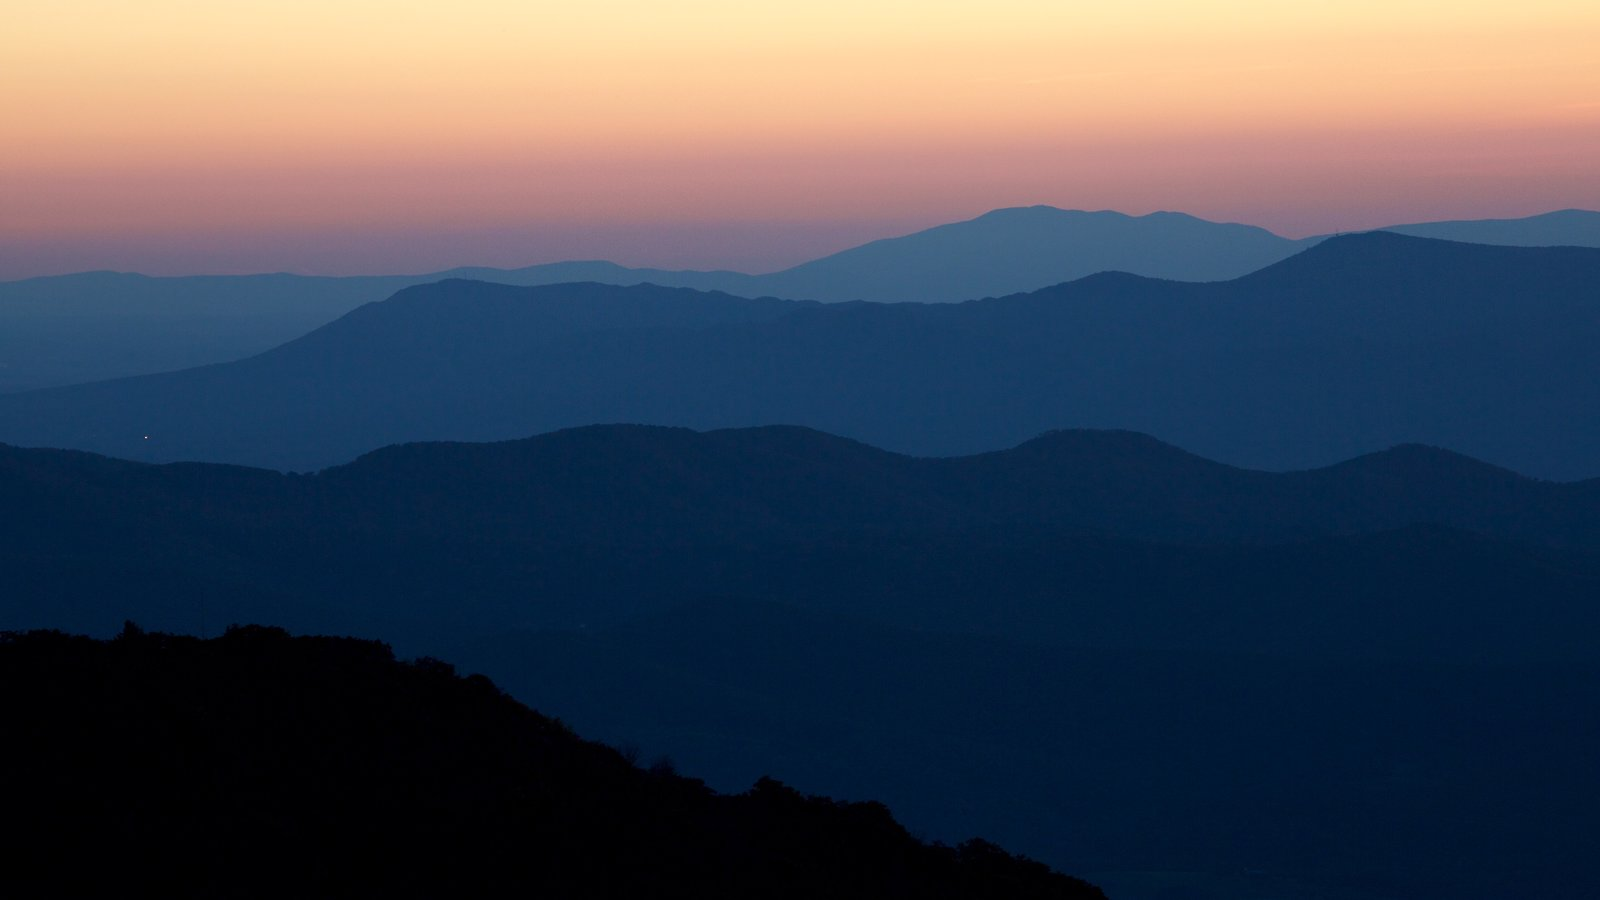 Parque Nacional Shenandoah ofreciendo escenas tranquilas y una puesta de sol